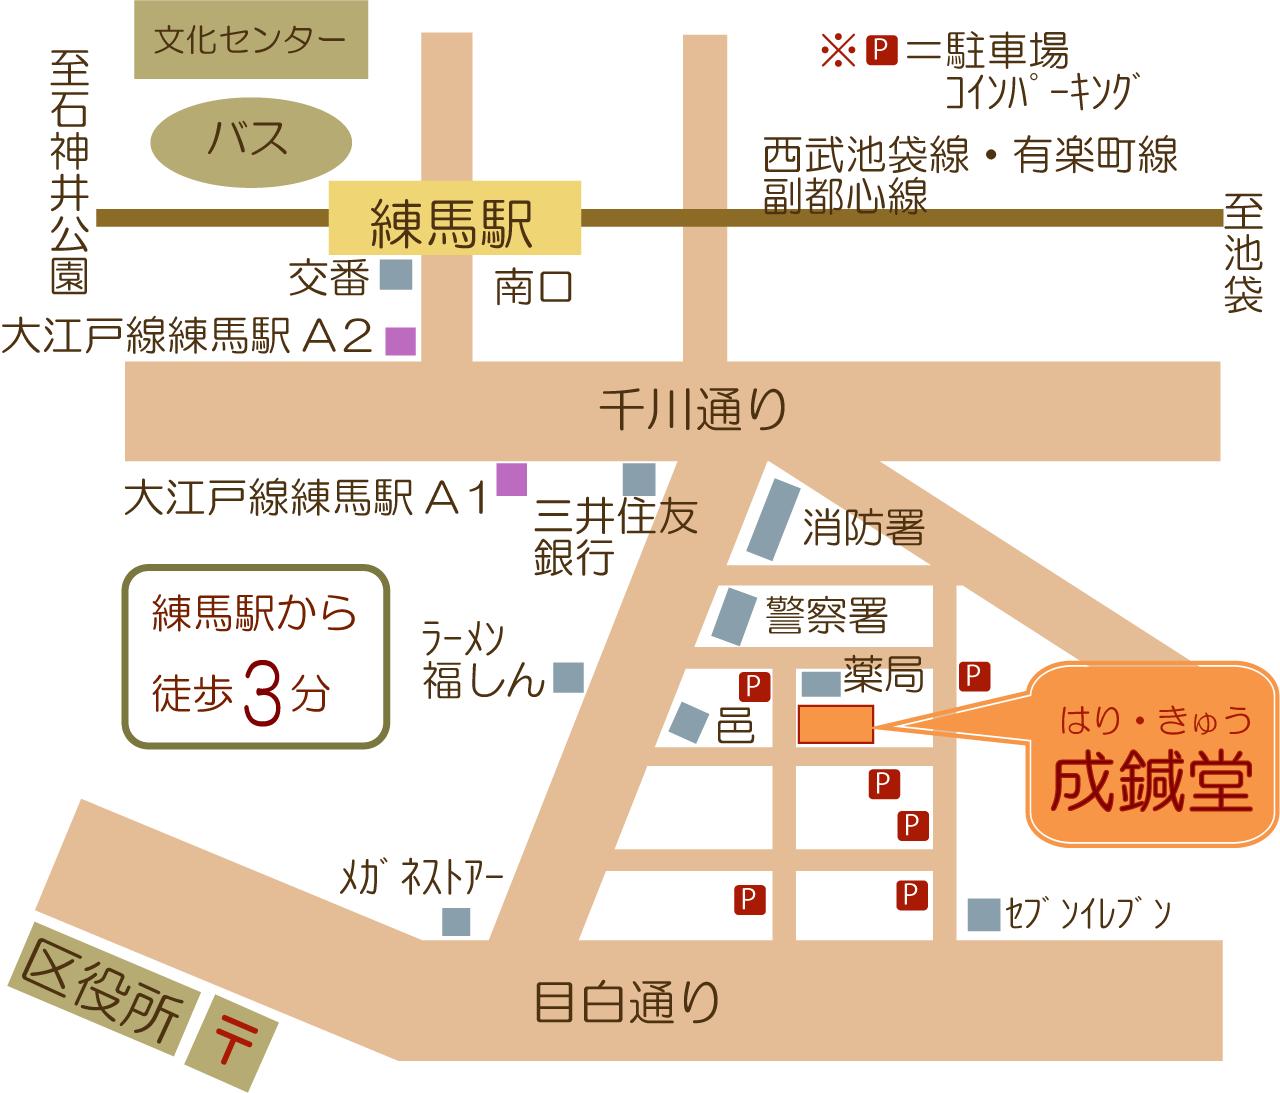 成鍼堂治療院地図